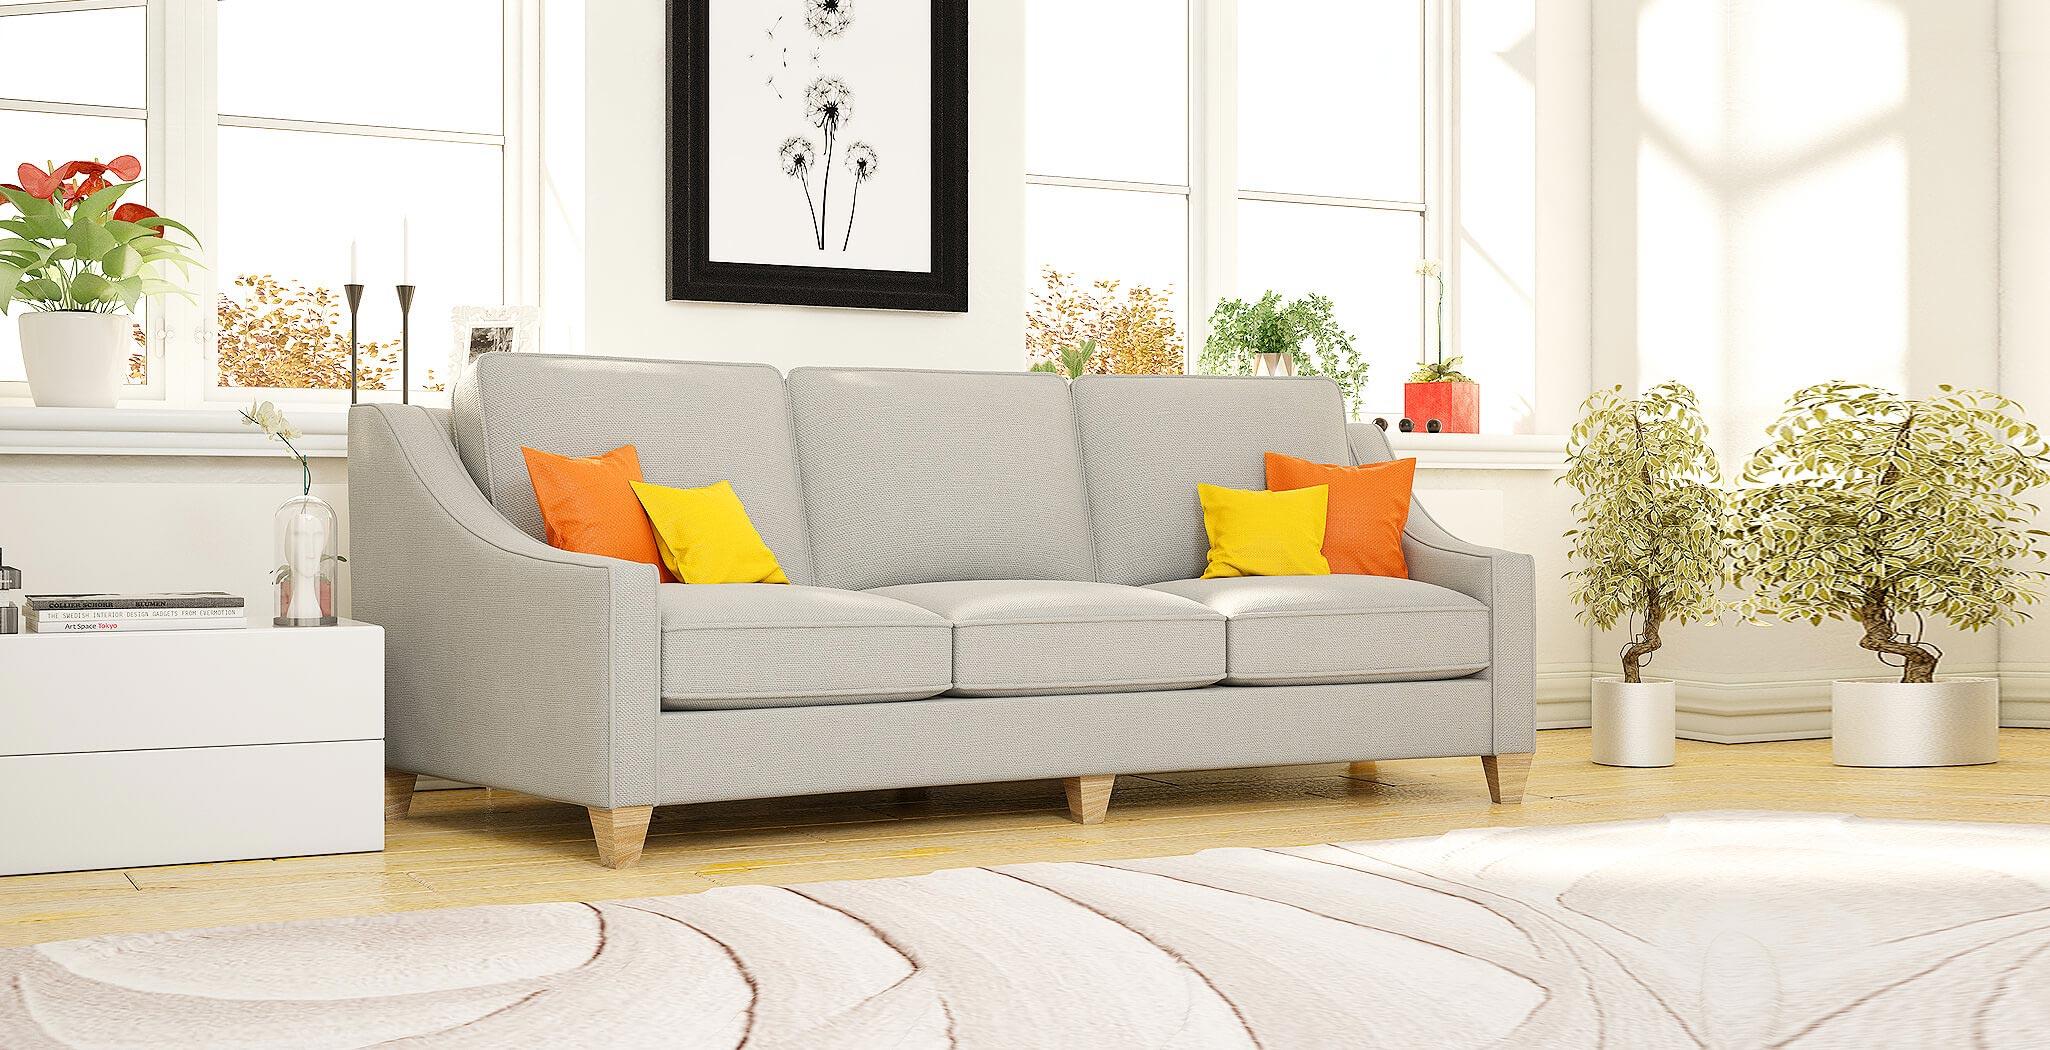 sanda sofa furniture gallery 2